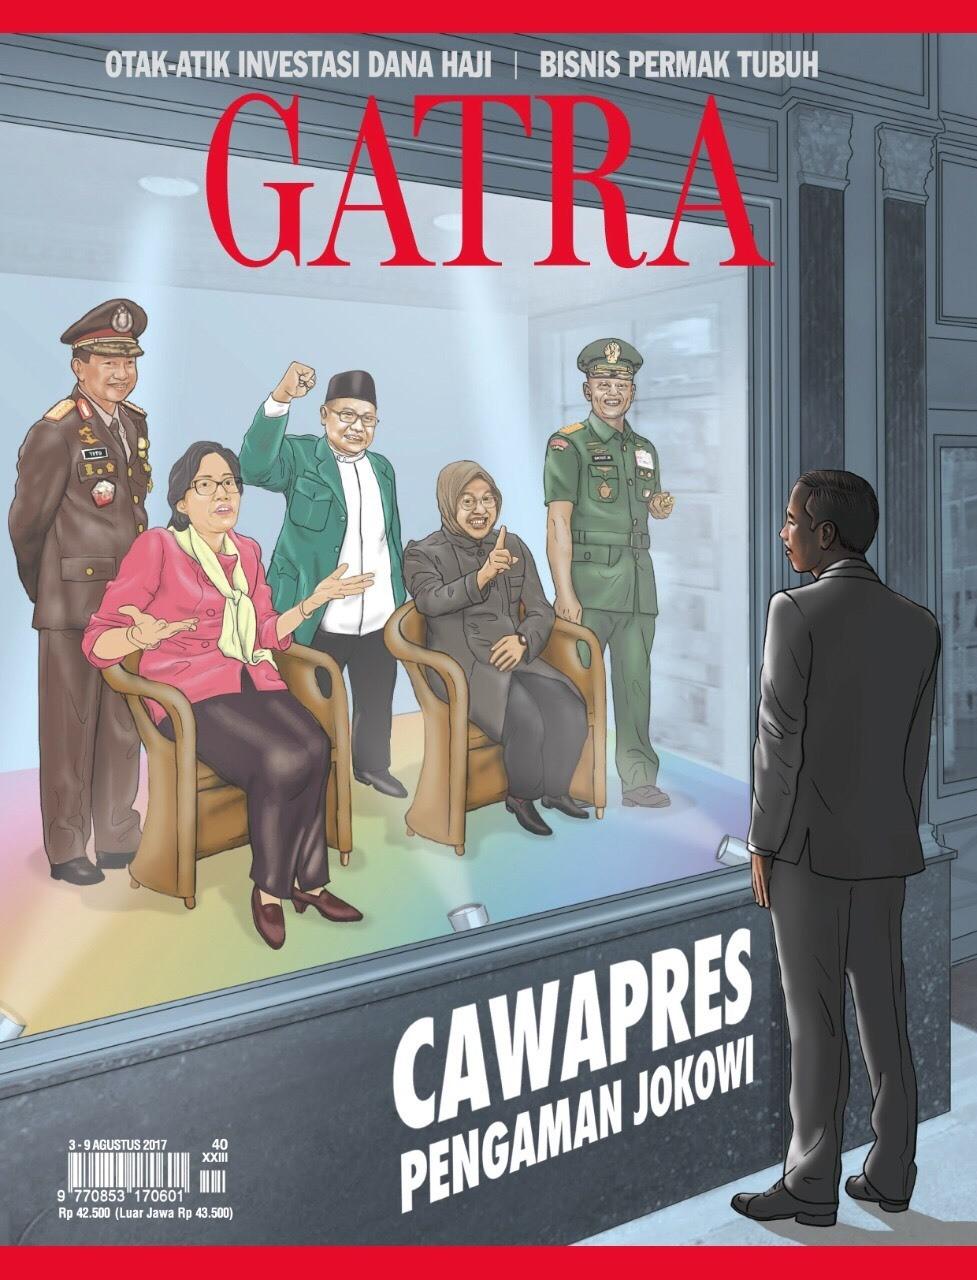 Bursa Cawapres Pengaman Jokowi Jika terealisasi, duet Prabowo-AHY akan menyulitkan Joko Widodo di Pilpres 2019. Petahana butuh figur cawapres yang kuat. Siapa saja kirakira kandidatnya? Baca Gatra edisi no 40 tahun ke xxiii. Beredar jumat 4 agustus 2017. #GATRA #GATRANEWS #GATRACOM #CAPRES2019